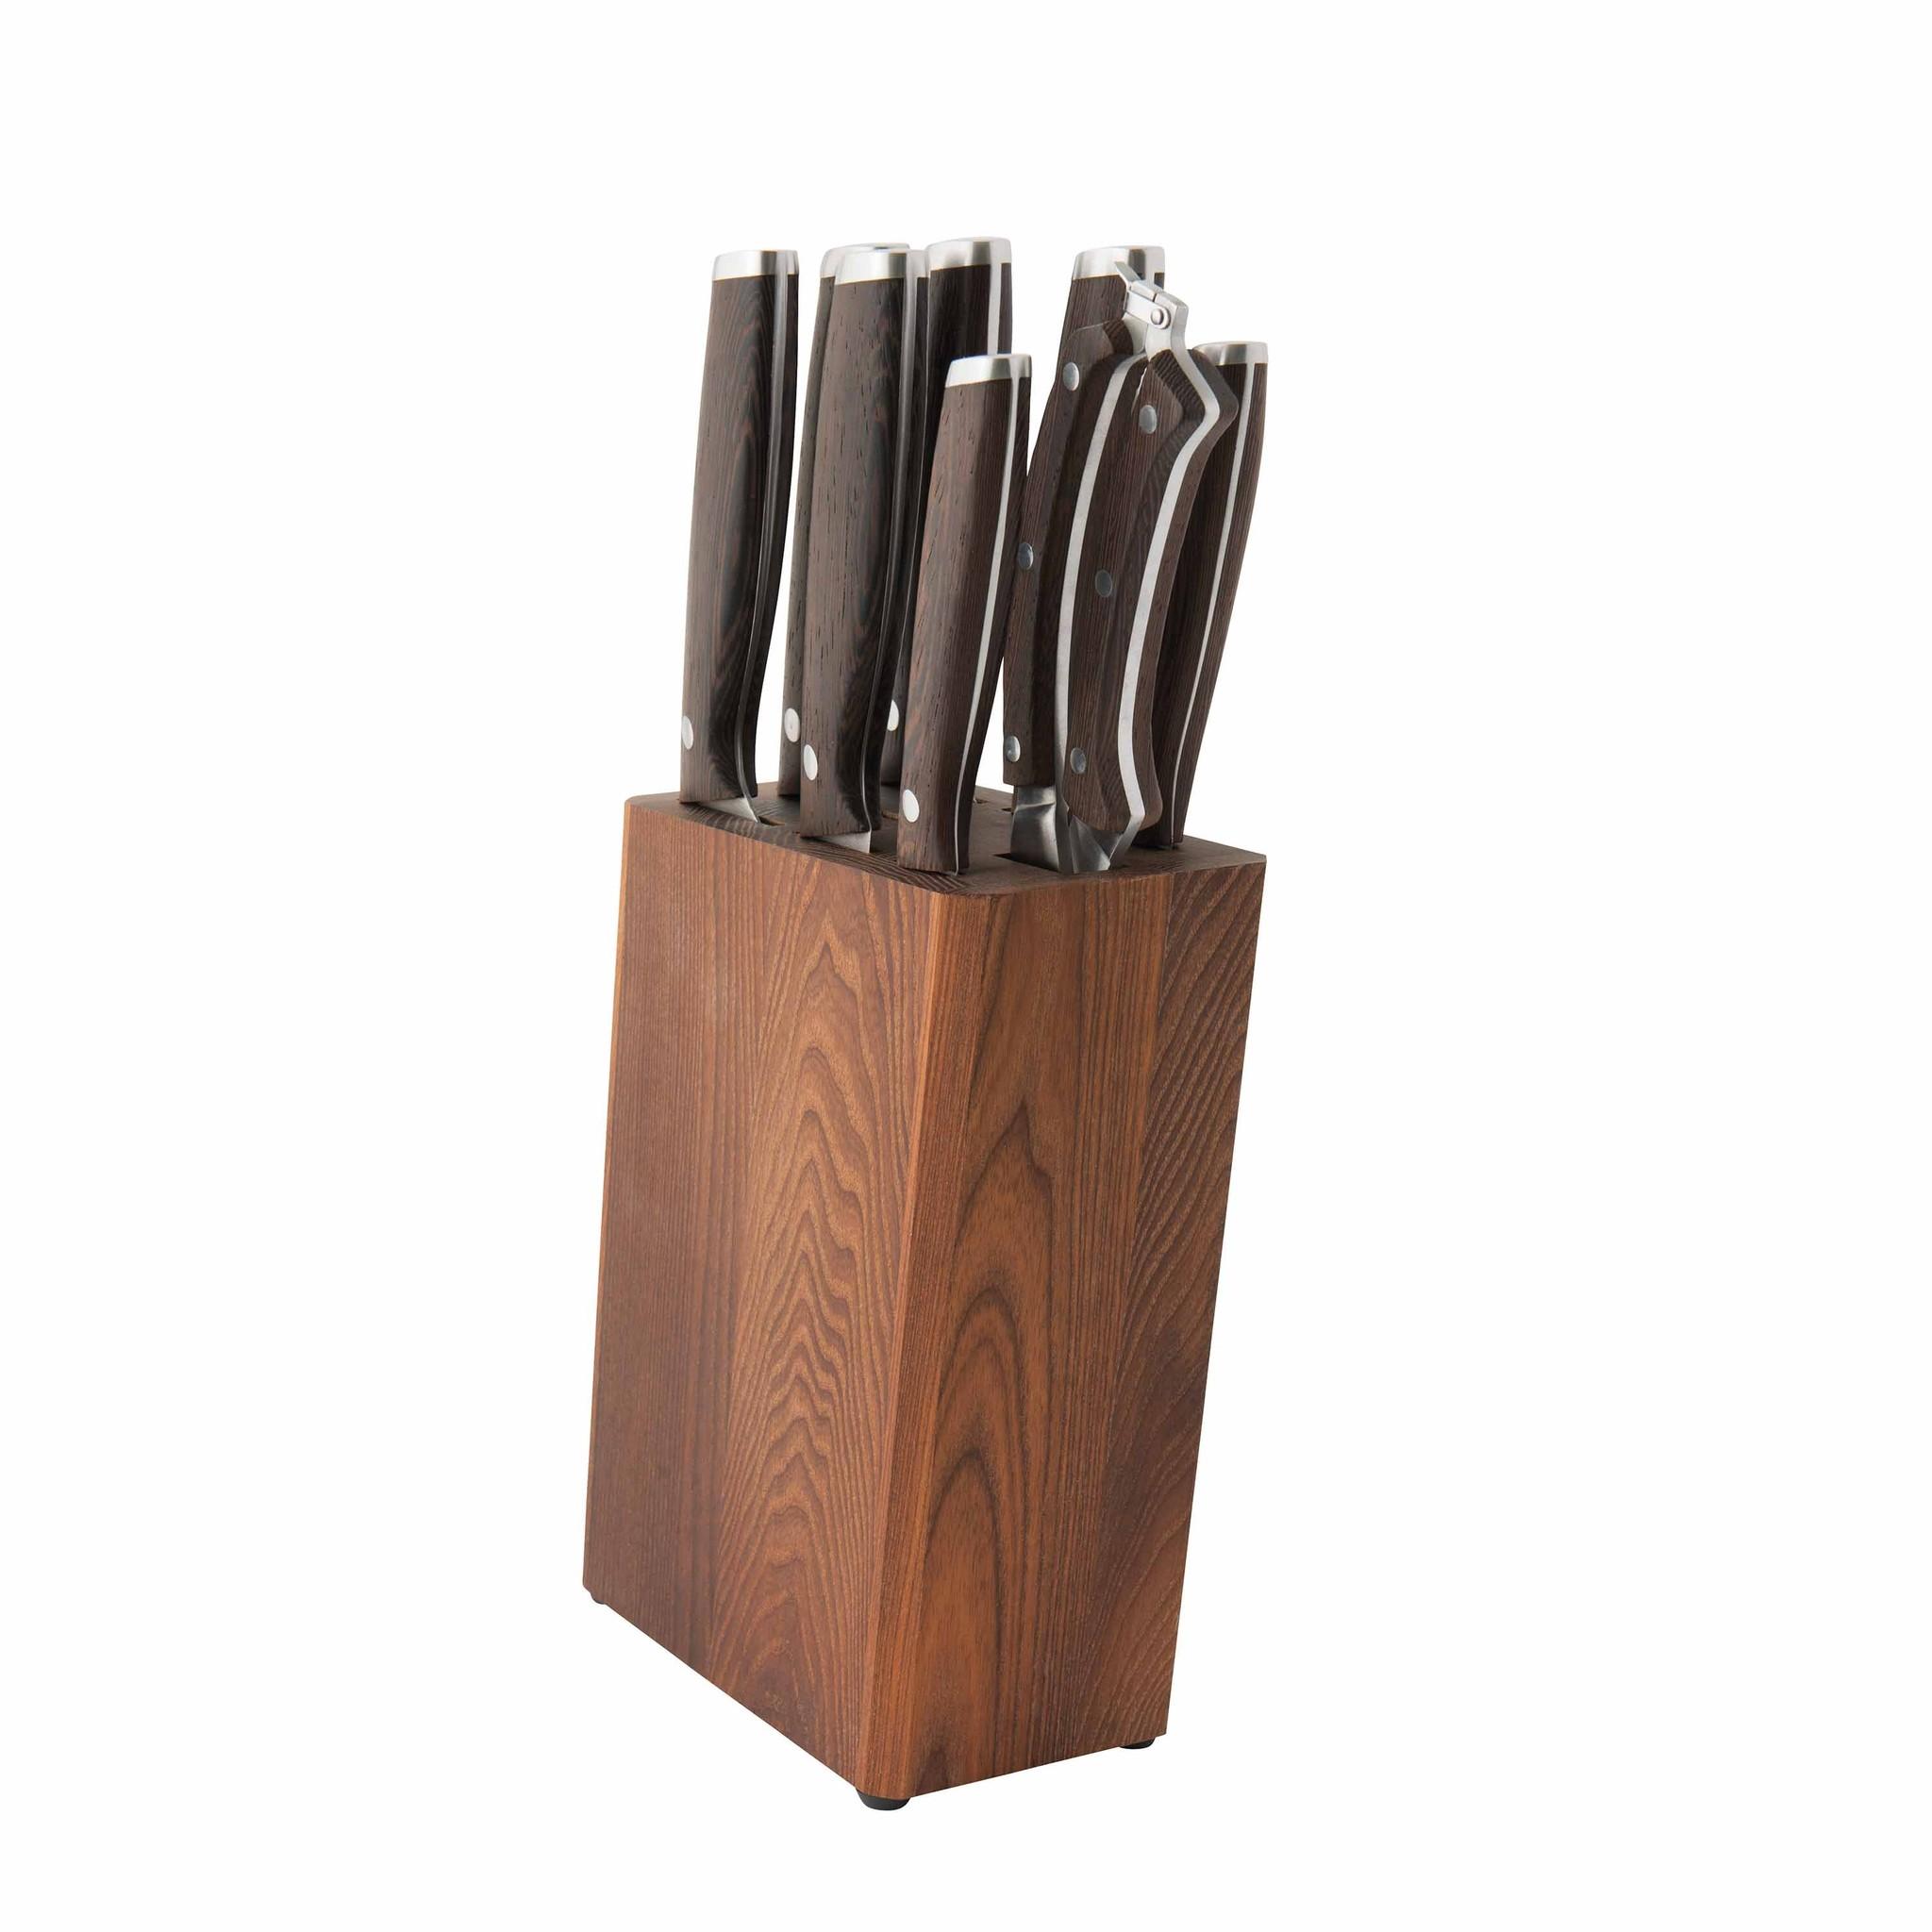 Набор ножей Dark Wood BergHOFF, 9 приборов, 1309010, сталь X30Cr13, дерево